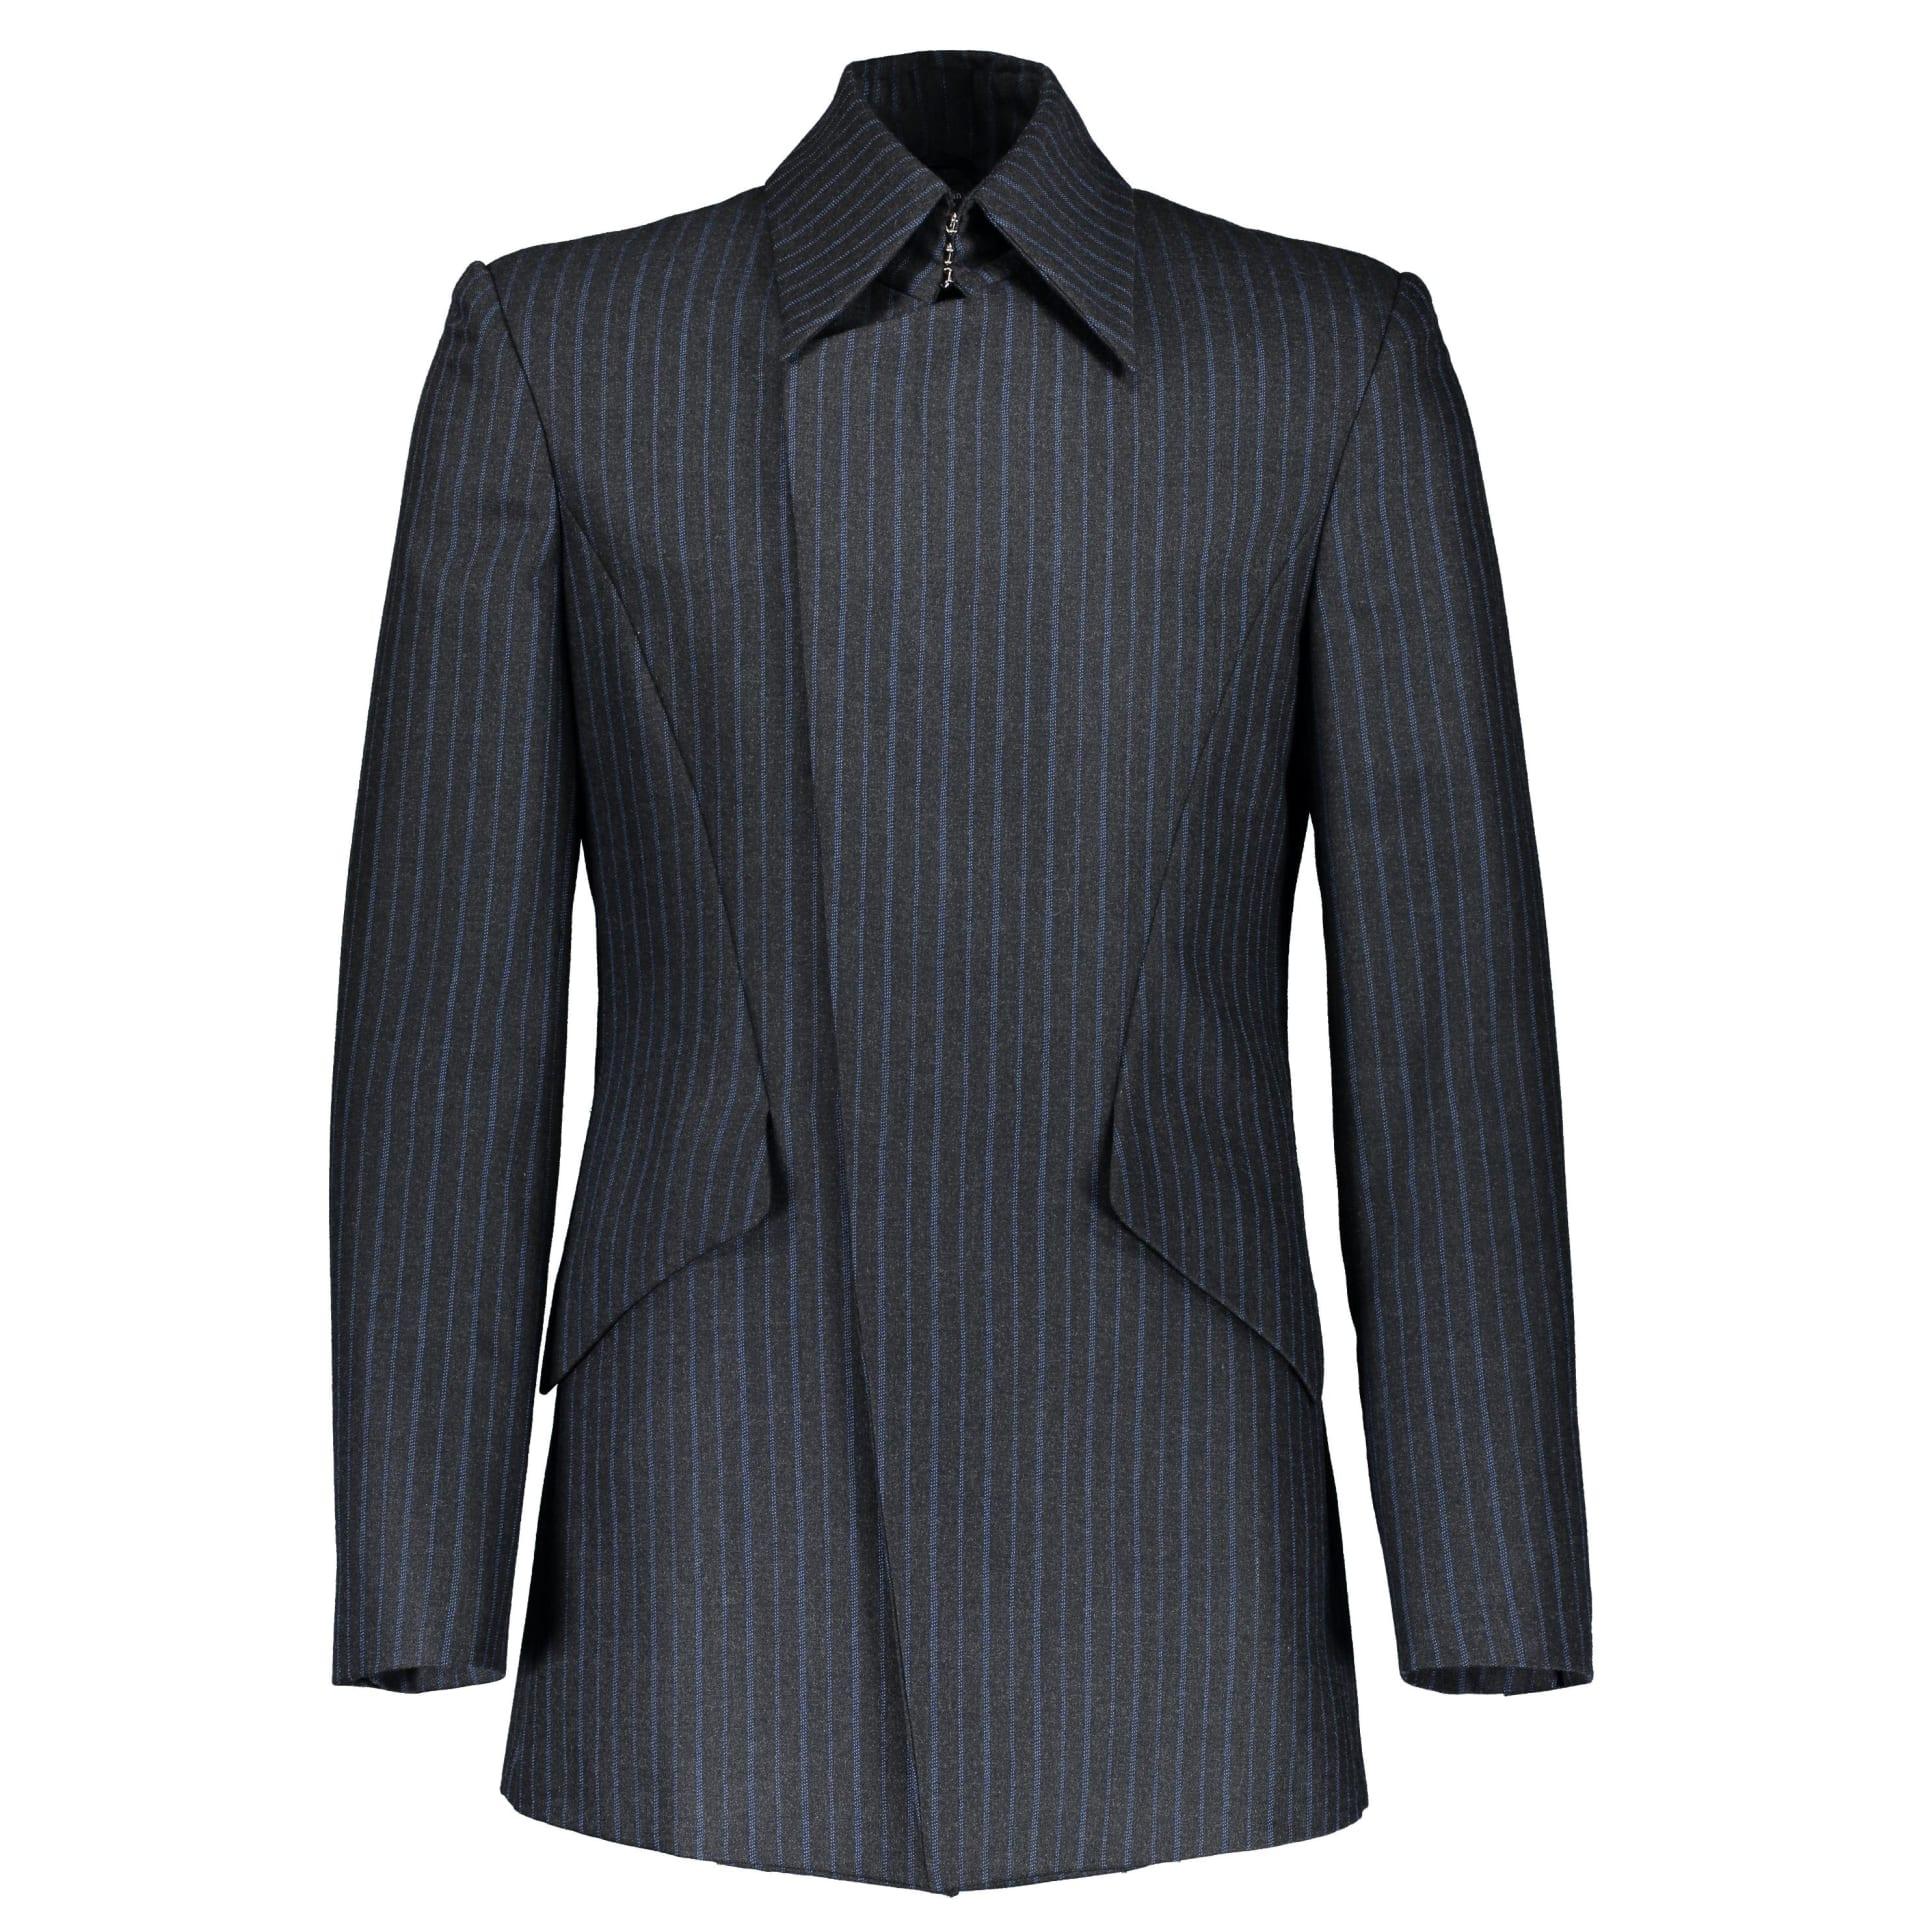 ما الذي يجعل مظهر الرجال بالملابس الموحدة جذاب؟